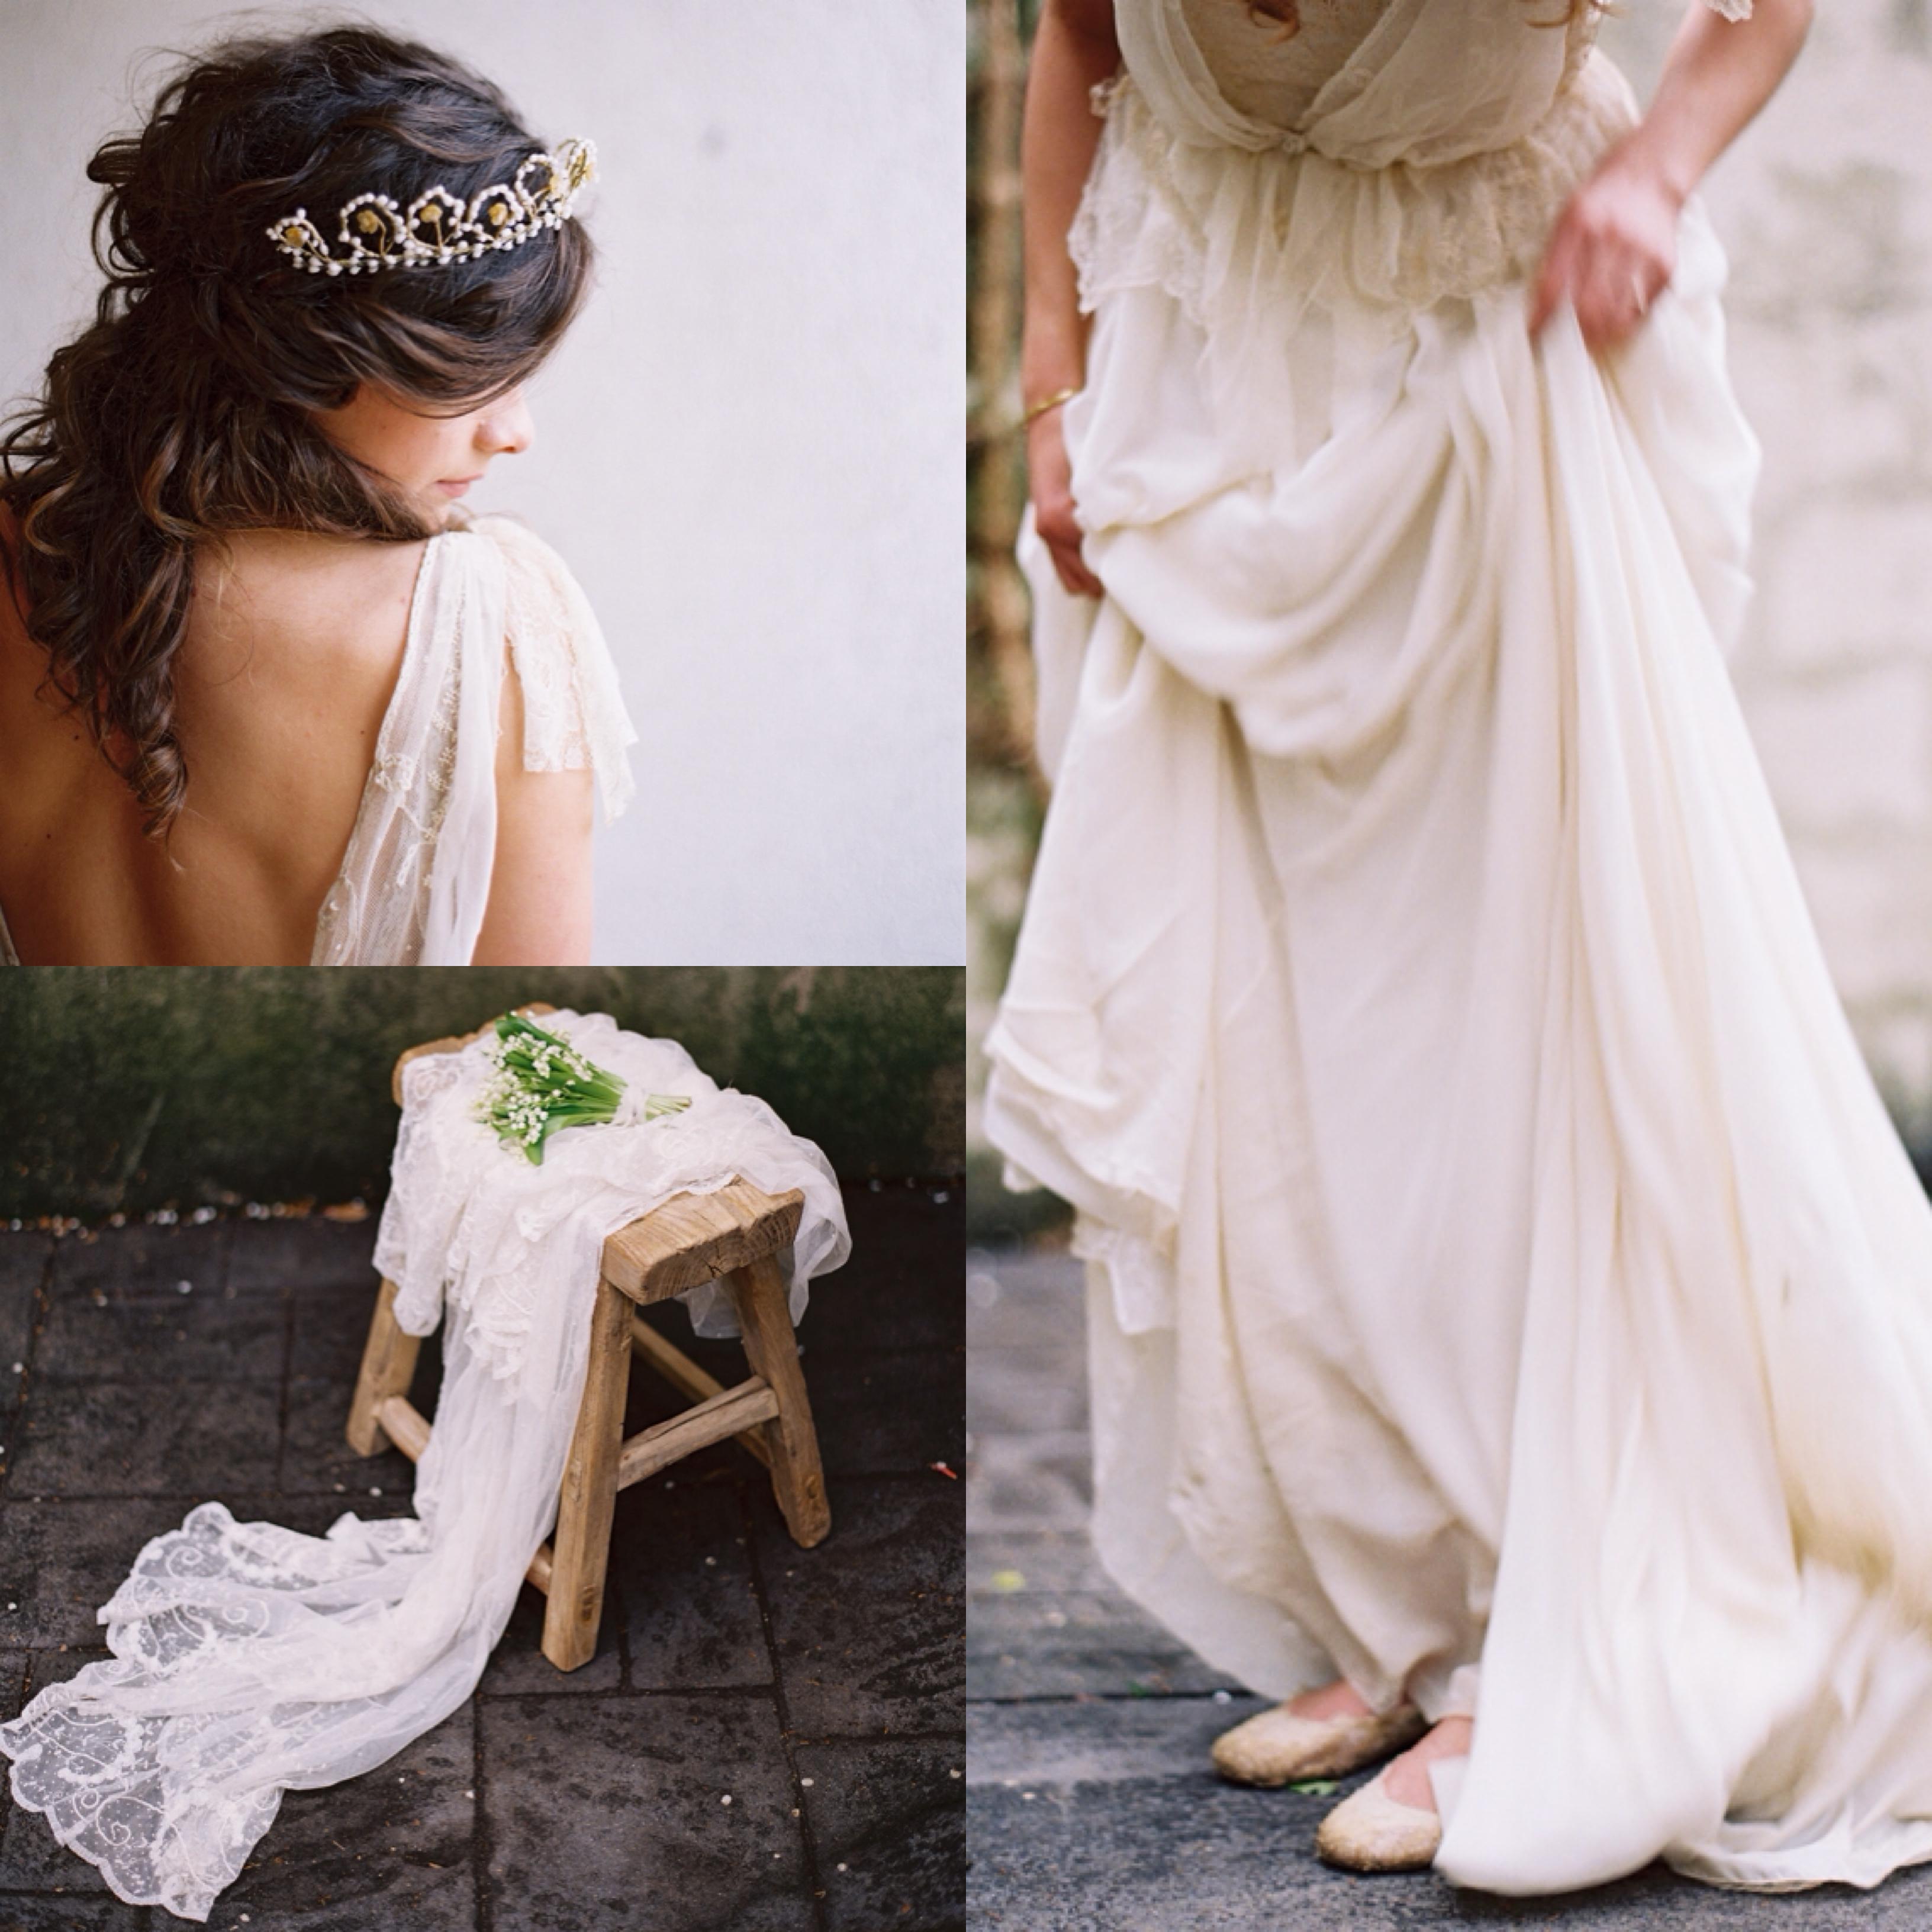 indie bohemian backless dress floral crown veil wedding roost